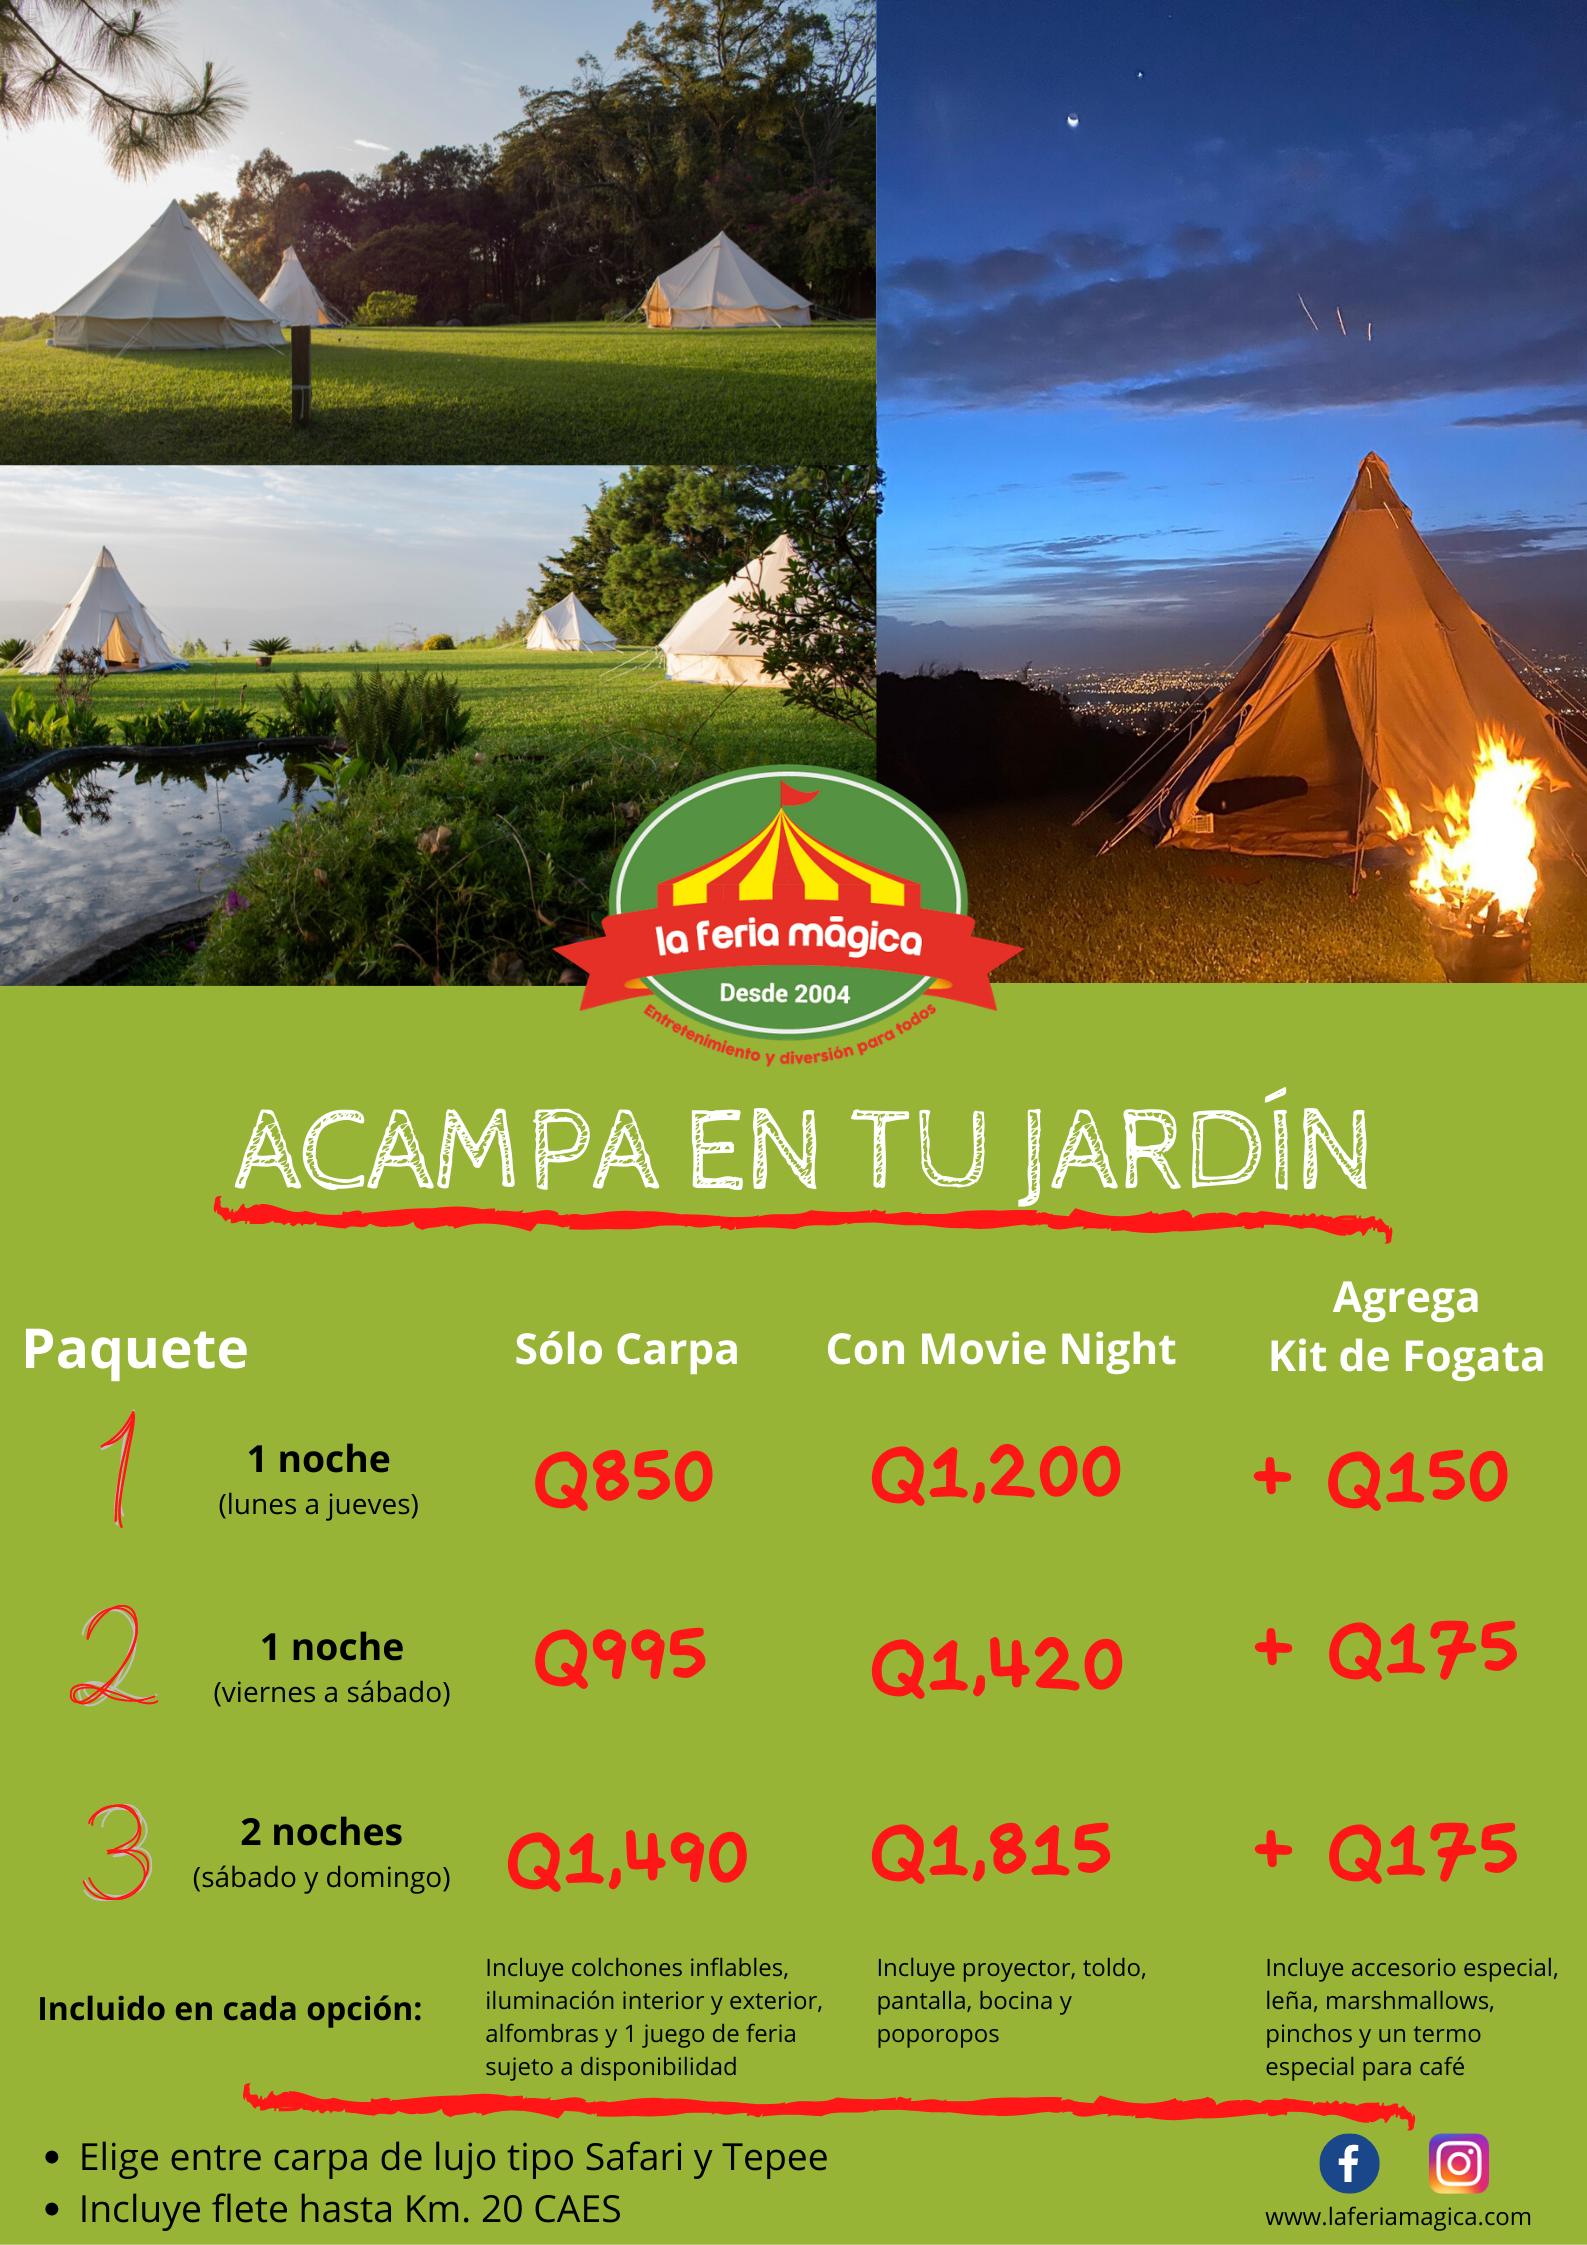 https://0201.nccdn.net/1_2/000/000/0b8/e86/acampa-en-tu-jard--n-nuevo.png